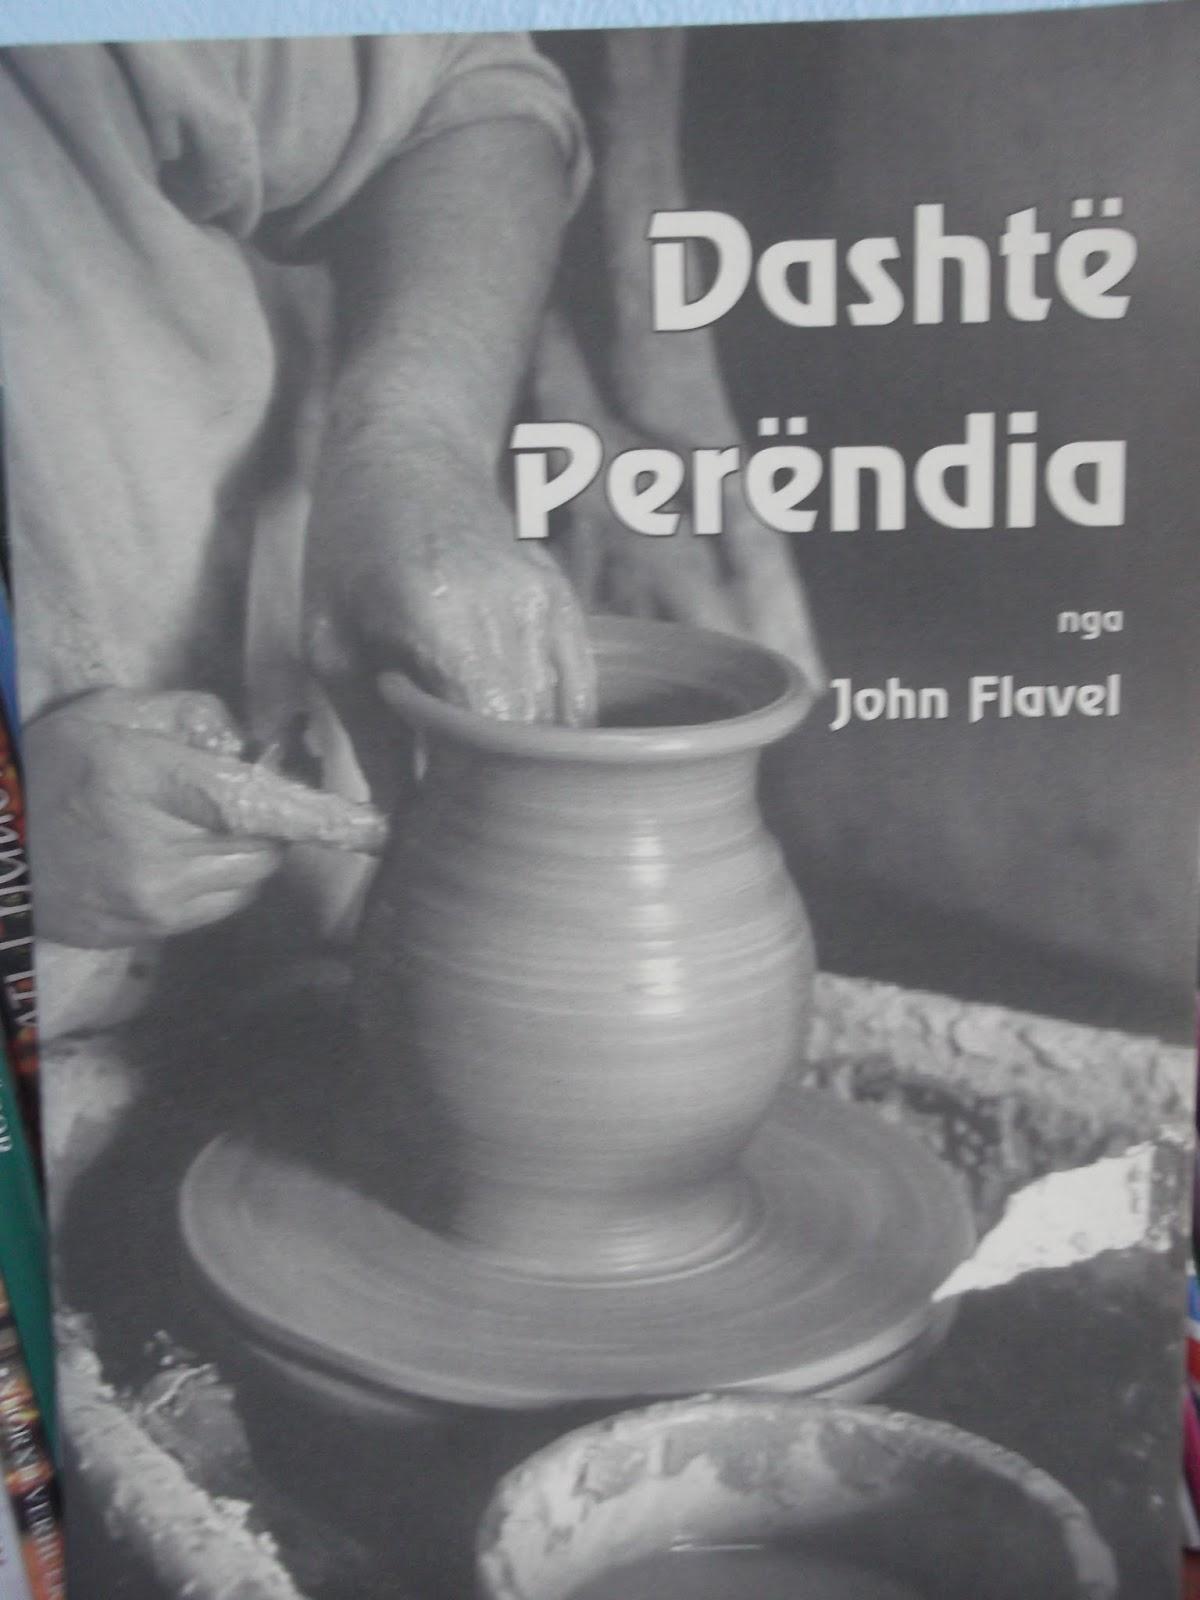 Dashte Perendia - Puritani Xhon Flejvel - Libra te Krishtere - Perendia